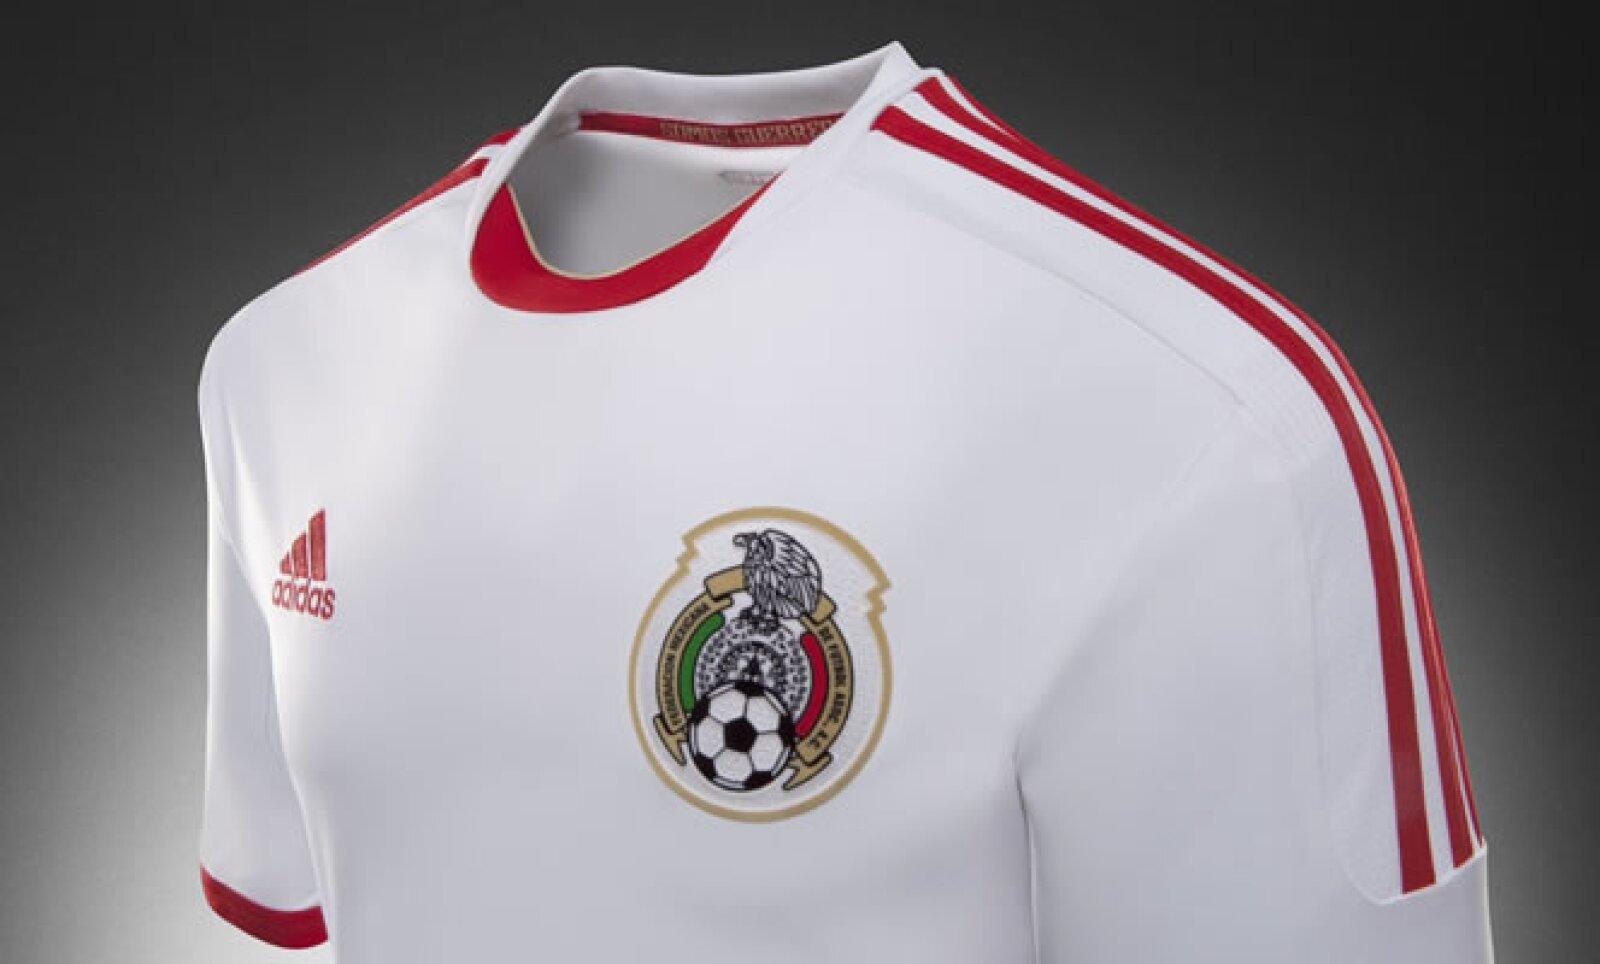 Todas las camisetas cuentan con la ingeniería adiZERO, la cual hace que los actuales sean los uniformes más ligeros en la historia de la Selección Nacional, ofreciendo una ventaja competitiva sobre el terreno de juego.